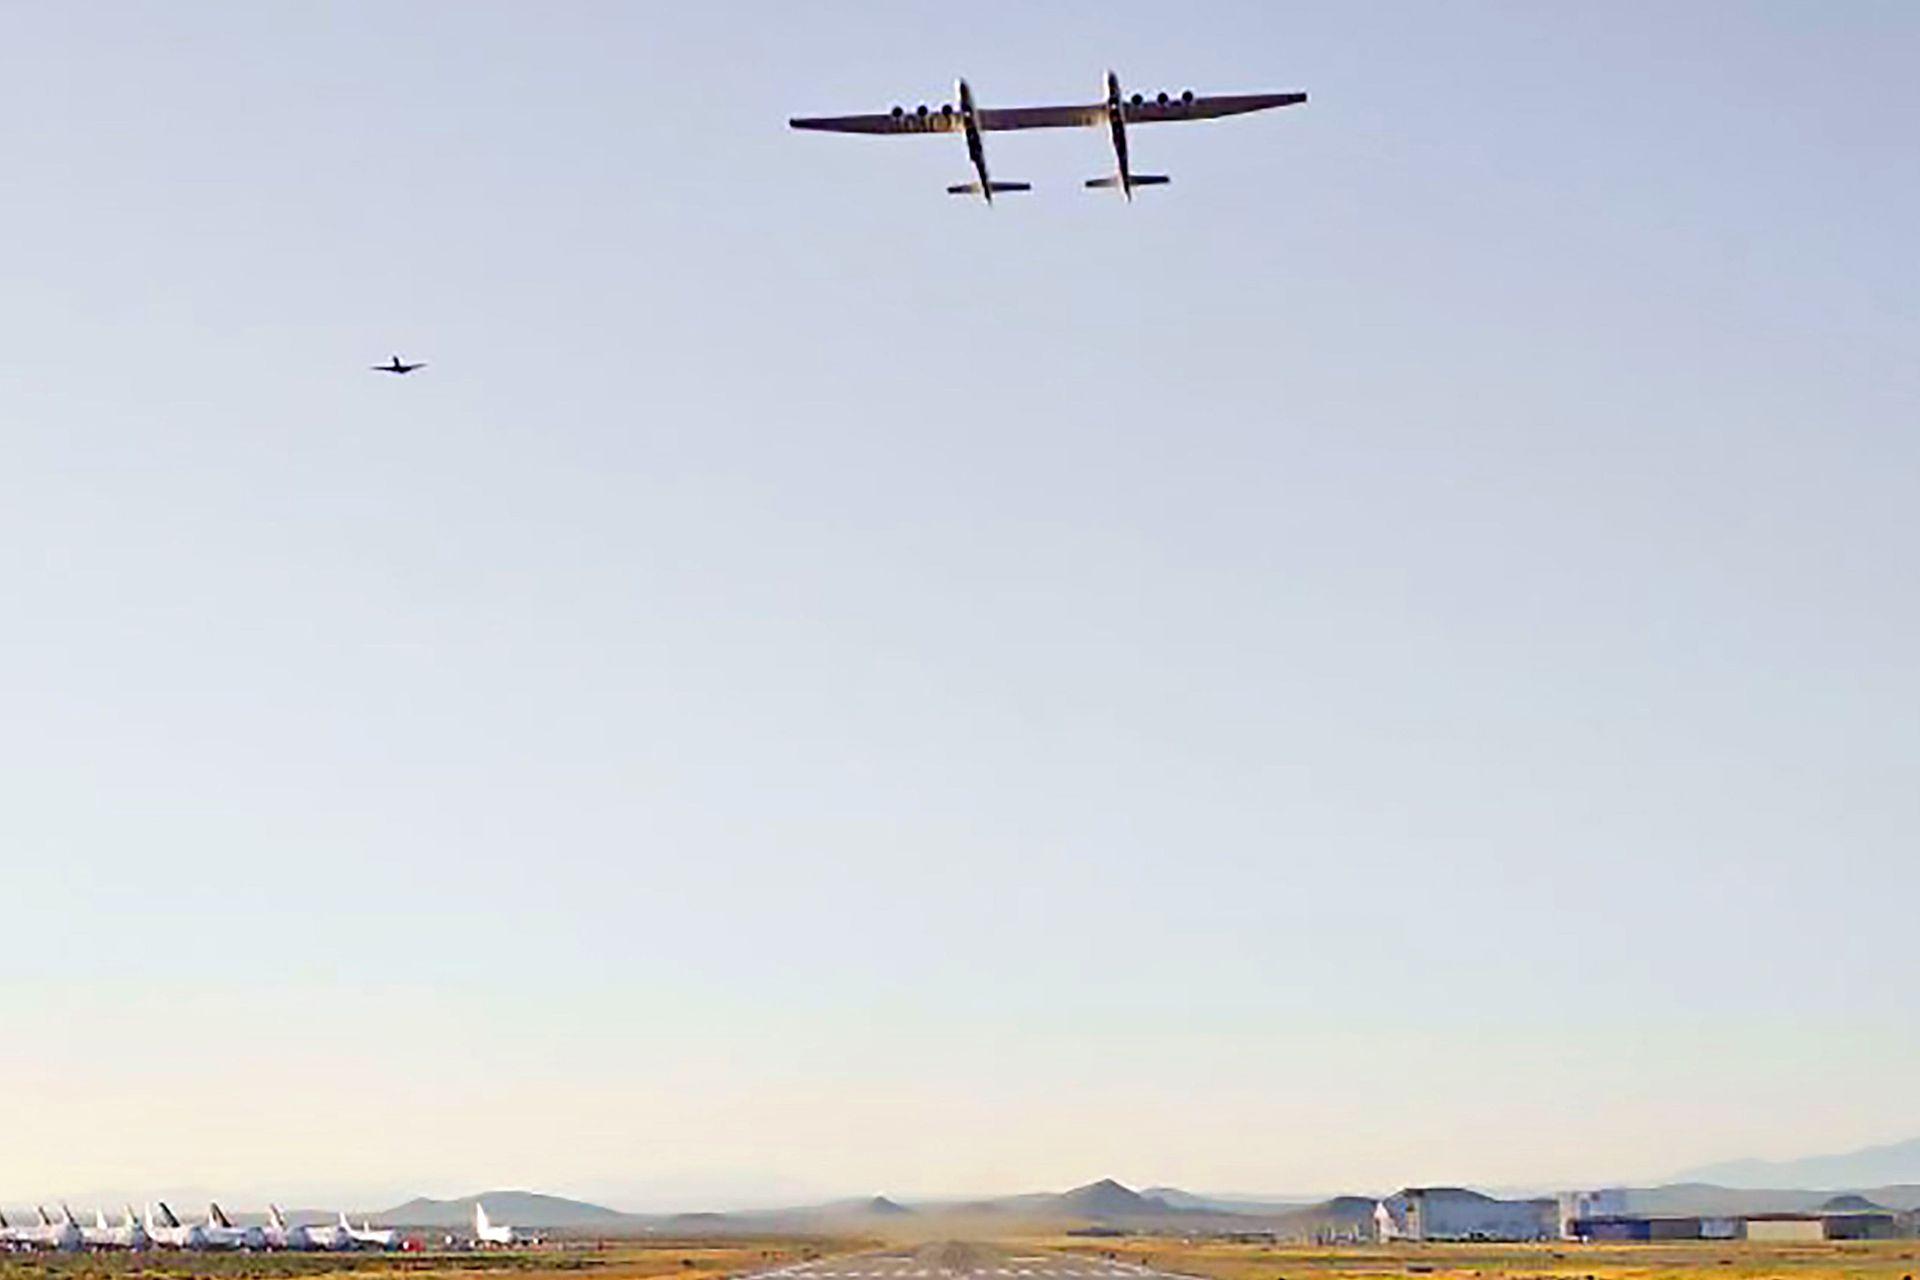 El avión voló dos horas y media, alcanzando una velocidad máxima de 304 kilómetros por hora y altitudes de hasta 5.181 metros